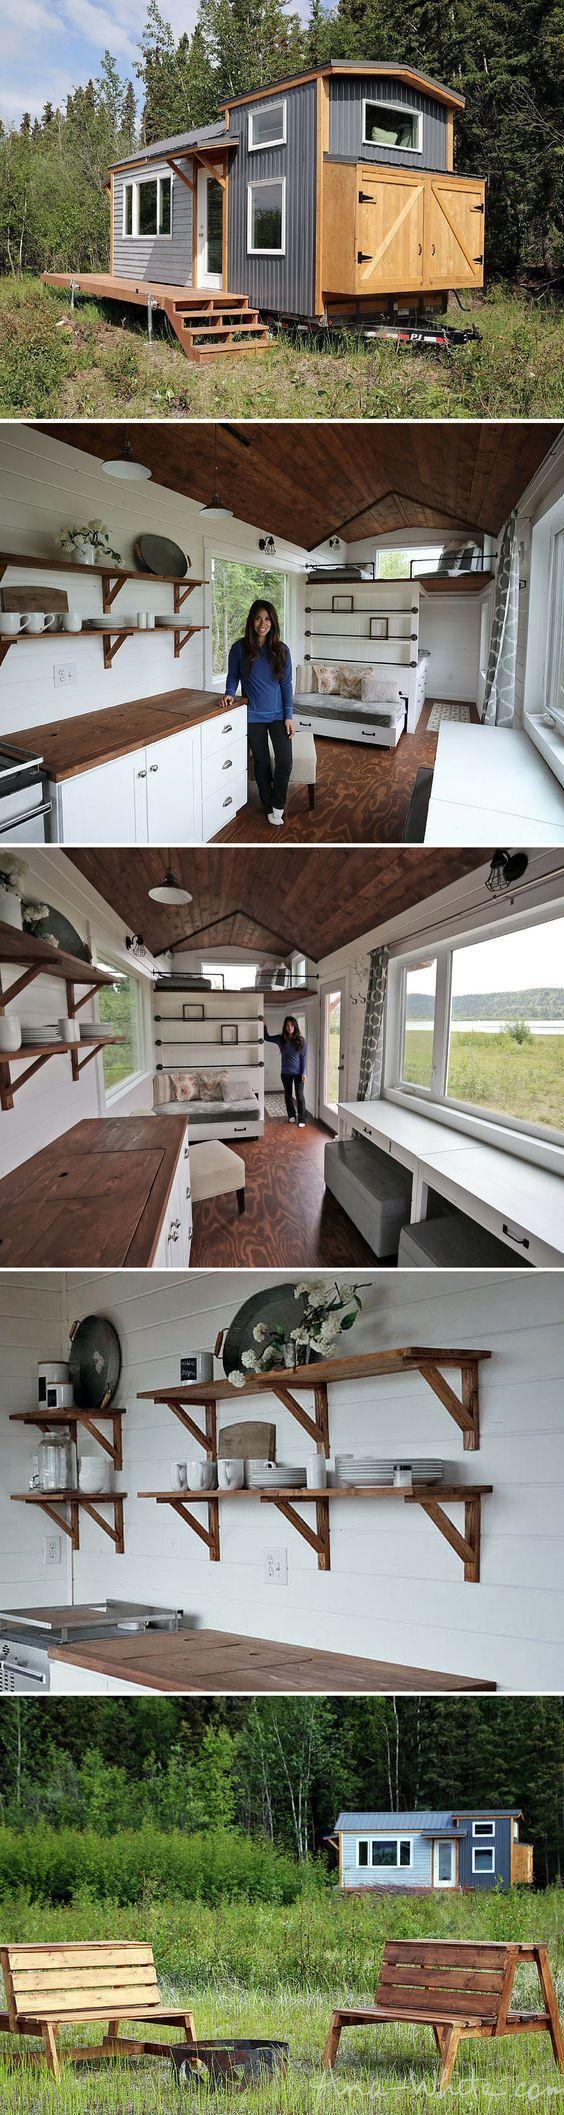 Ana White | Quartz Tiny House - Free Tiny House Plans - DIY Projects